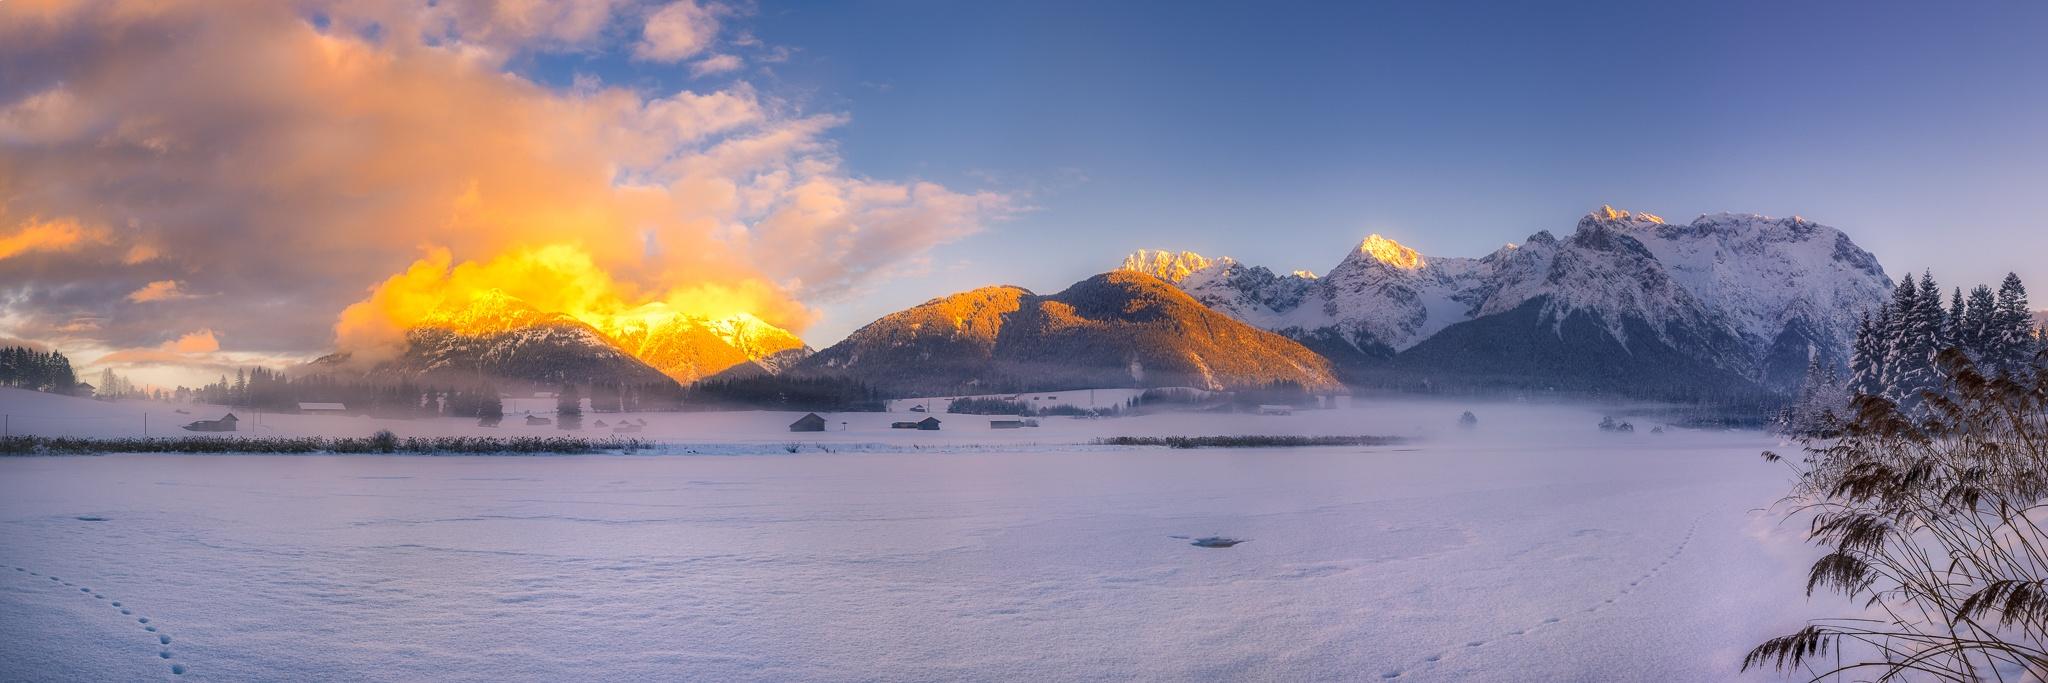 Winter und Abendrot. Traumhafter Winterabend am Schmalensee, Pulverschnee auf den Bäumen und die Abendsonne erleuchtet spektakulär die Wolken am Soierngebirge.